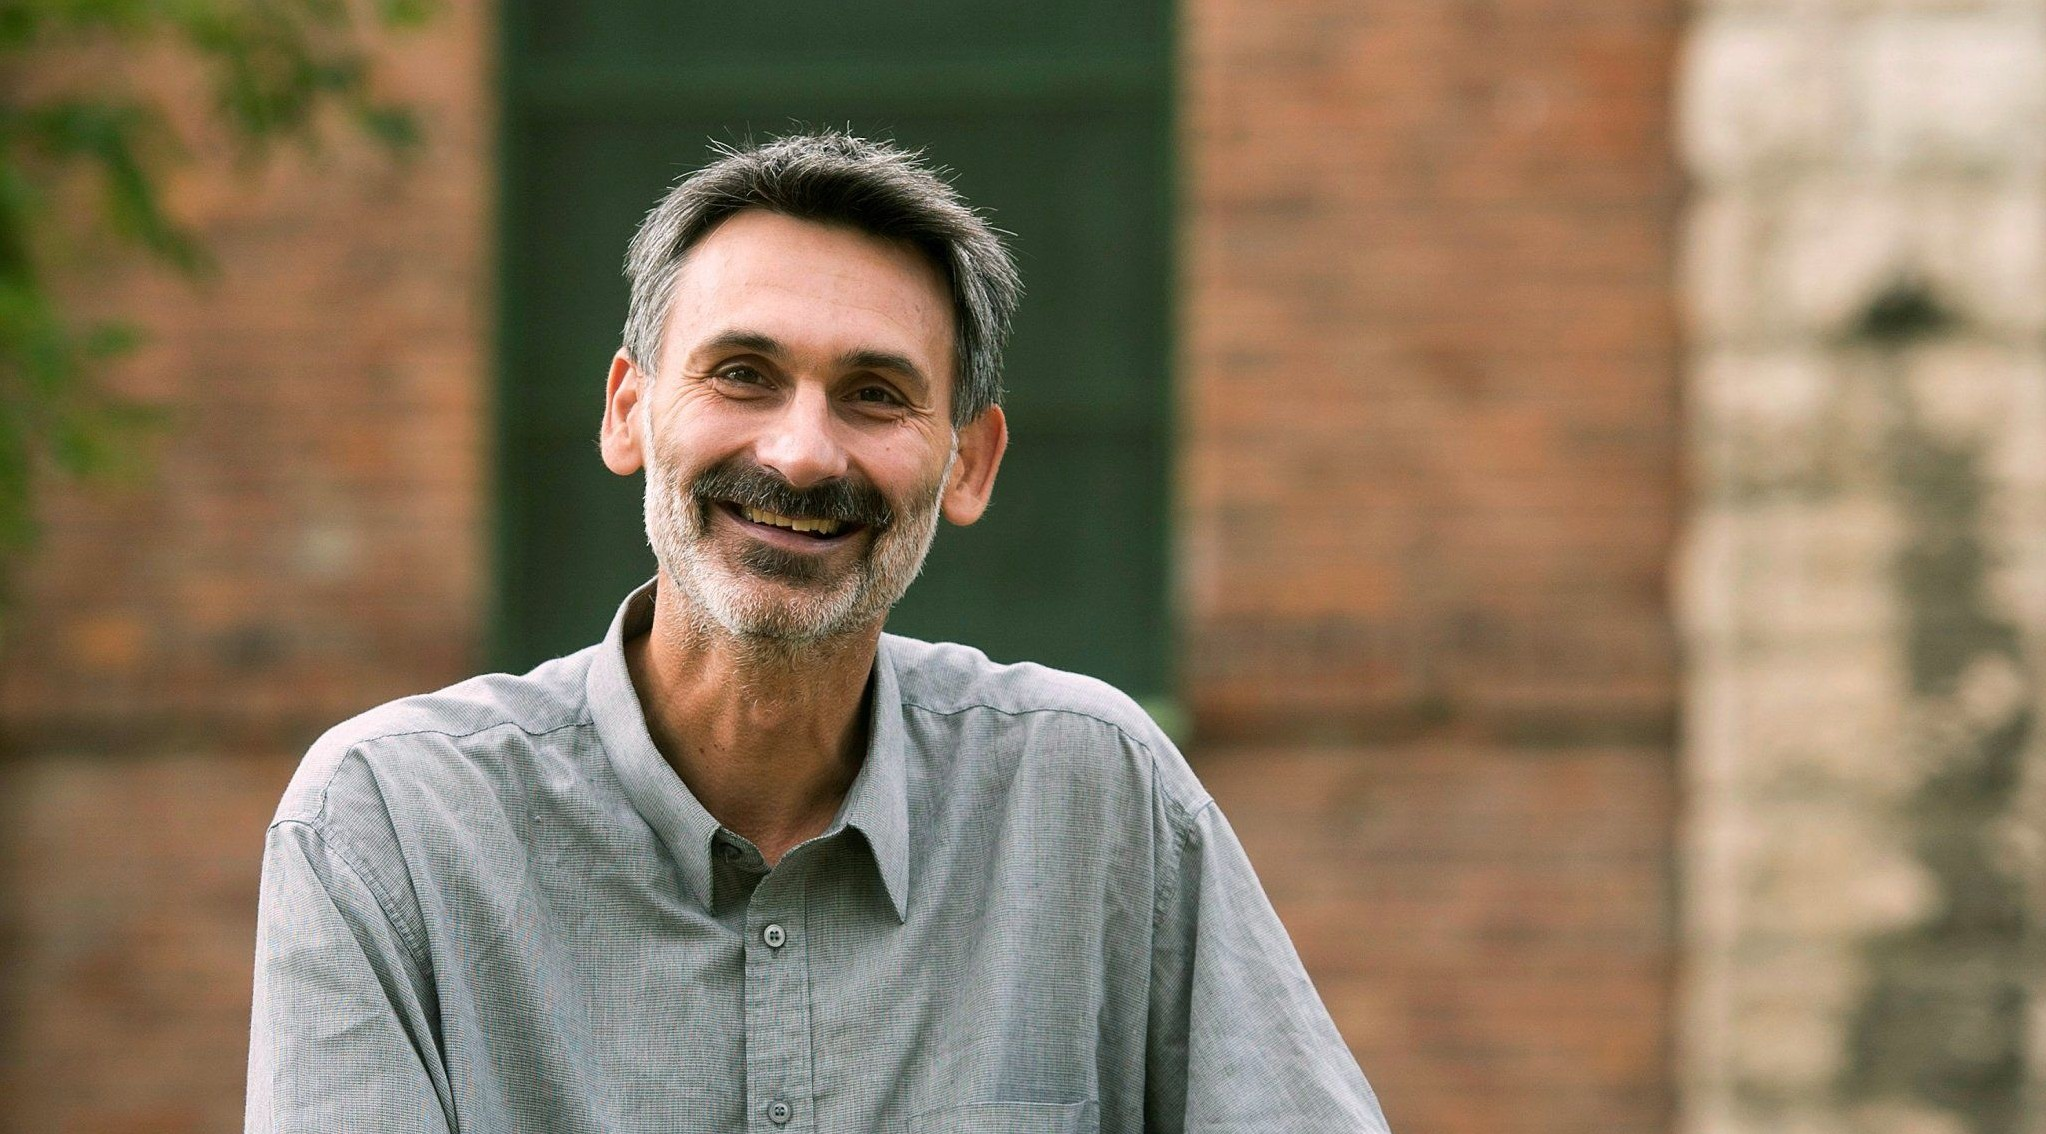 Pál Feri atya is cziffrázza